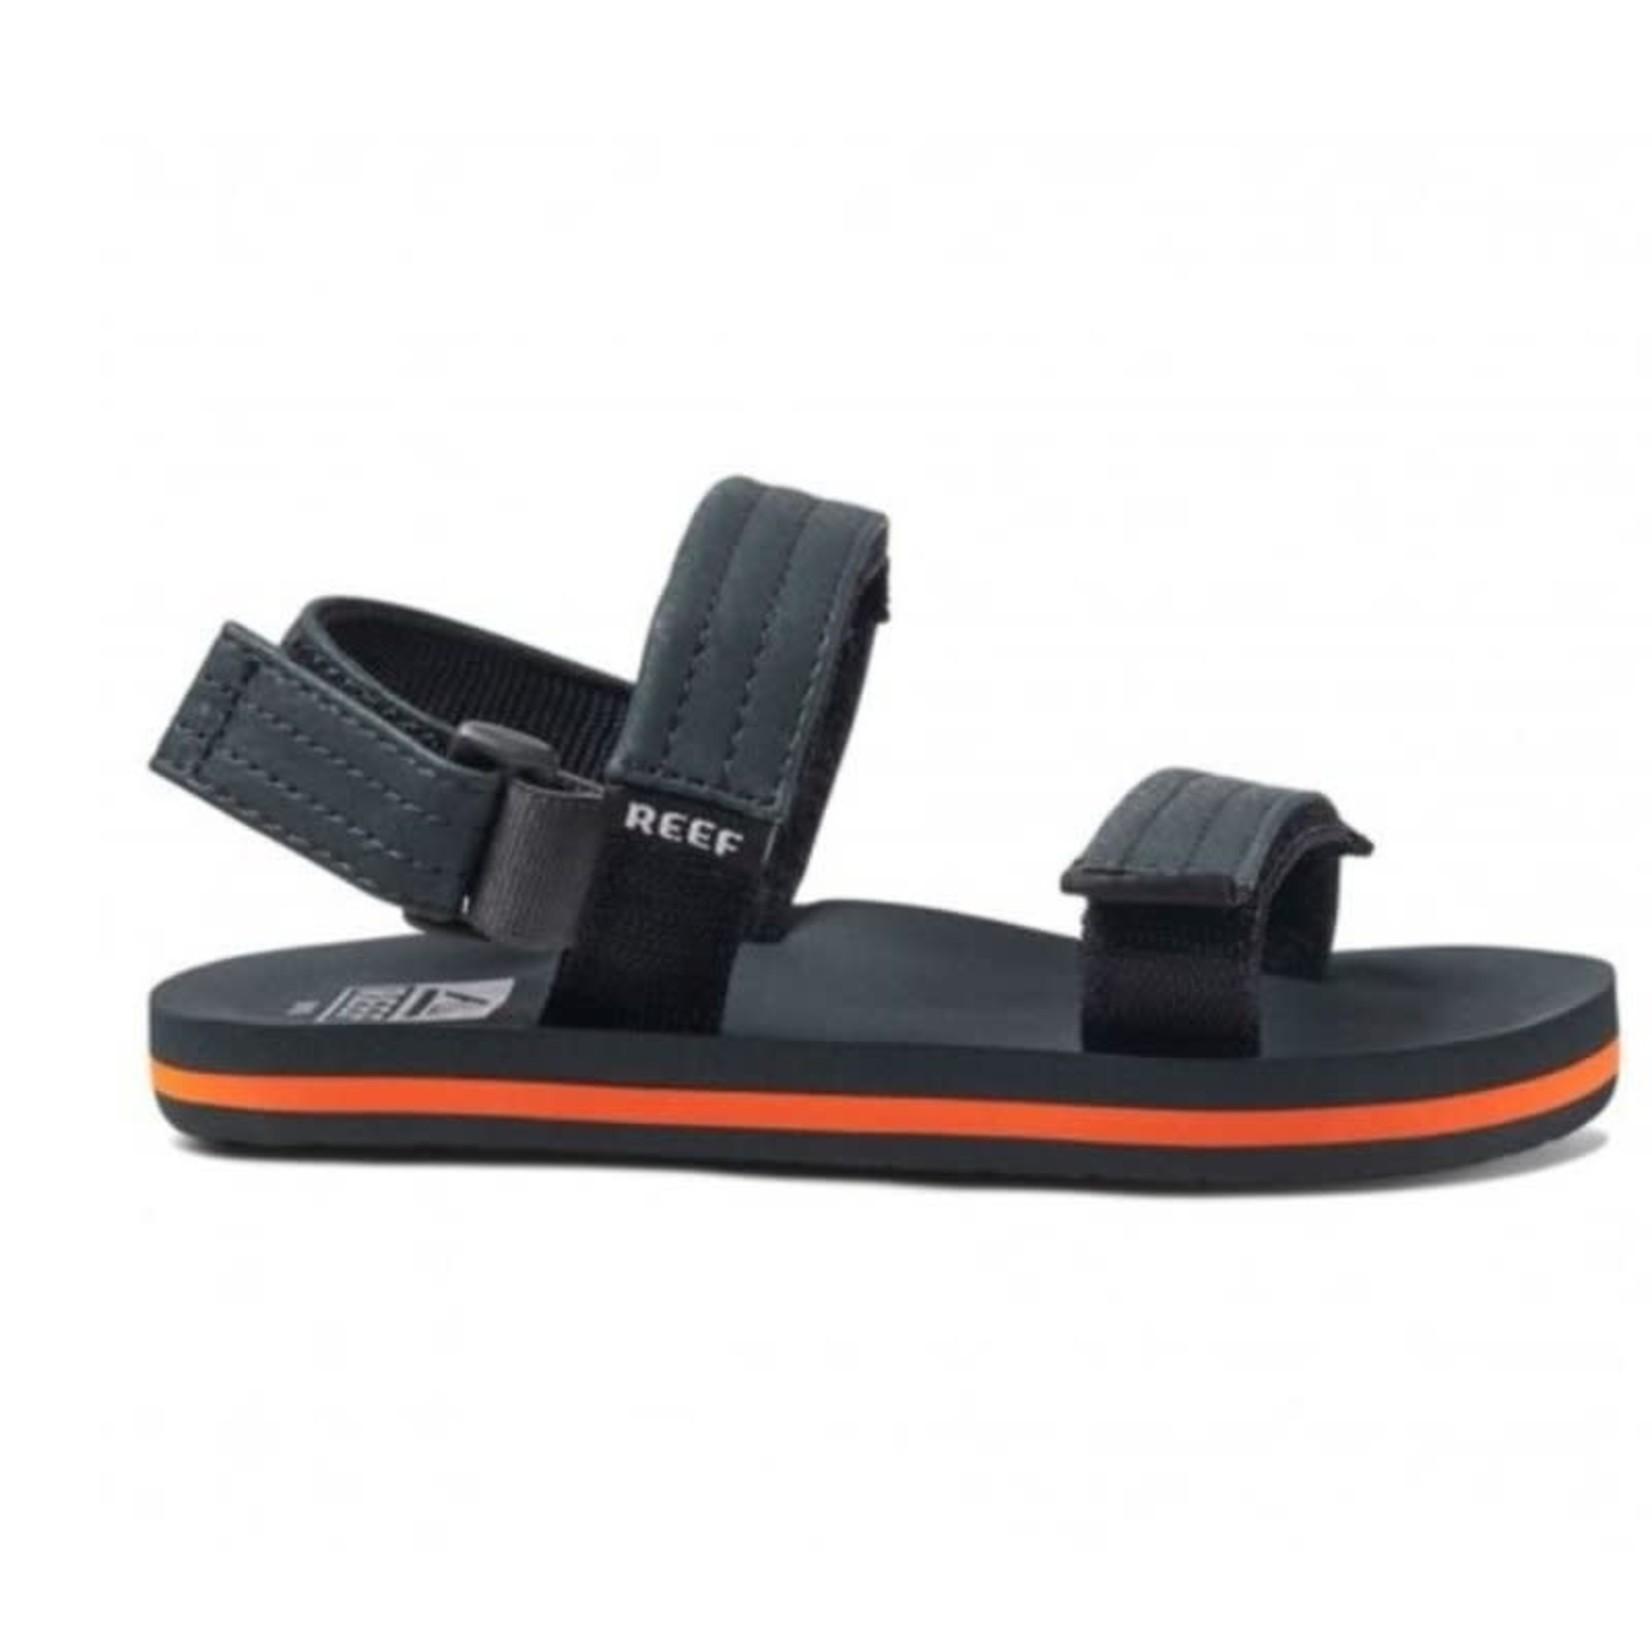 REEF REEF sandaal  verstelbaar BLACK